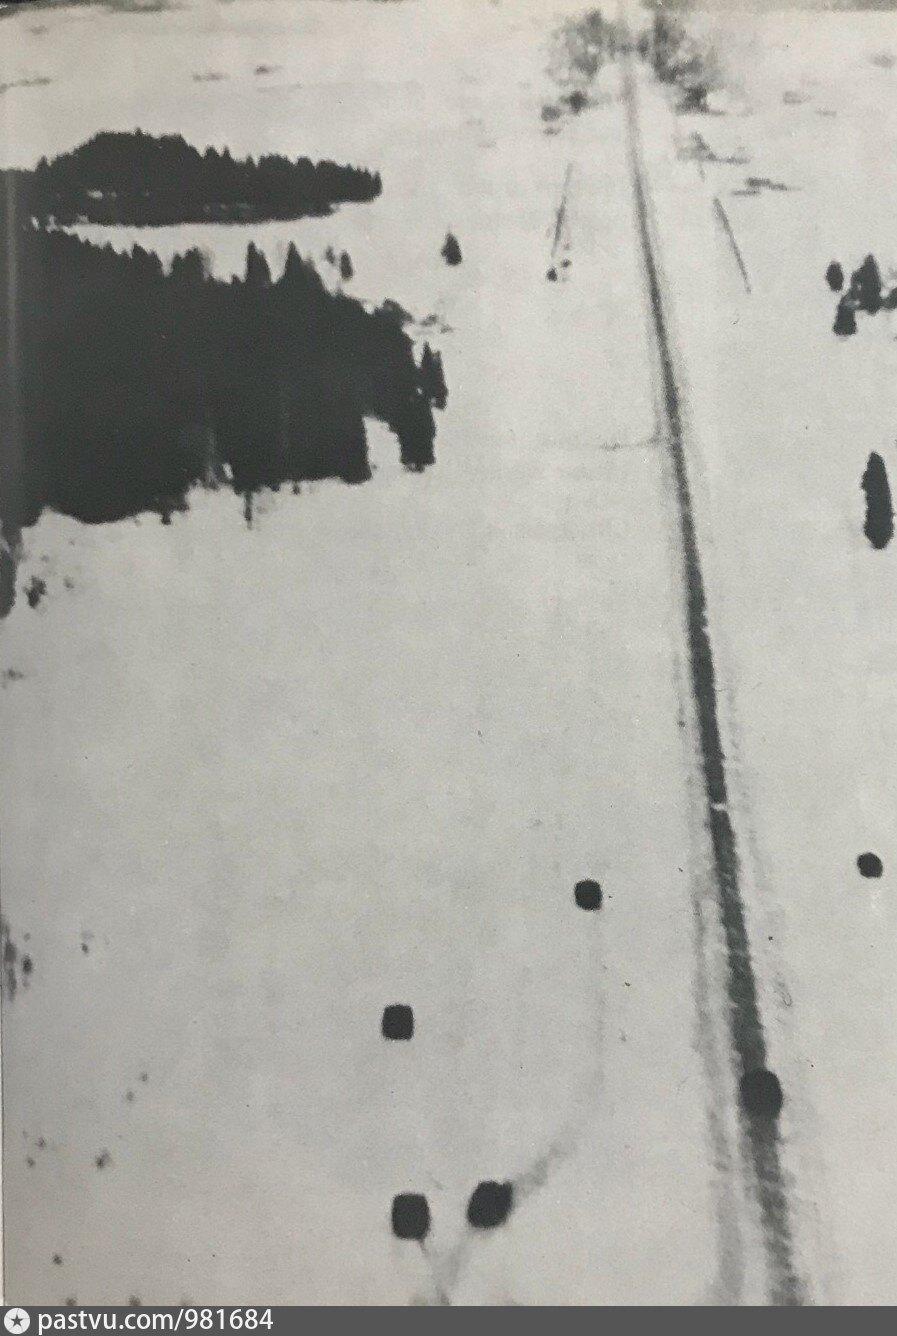 Немецкие танки подходит по Рогачёвскому шоссе к деревне Горки Киовские